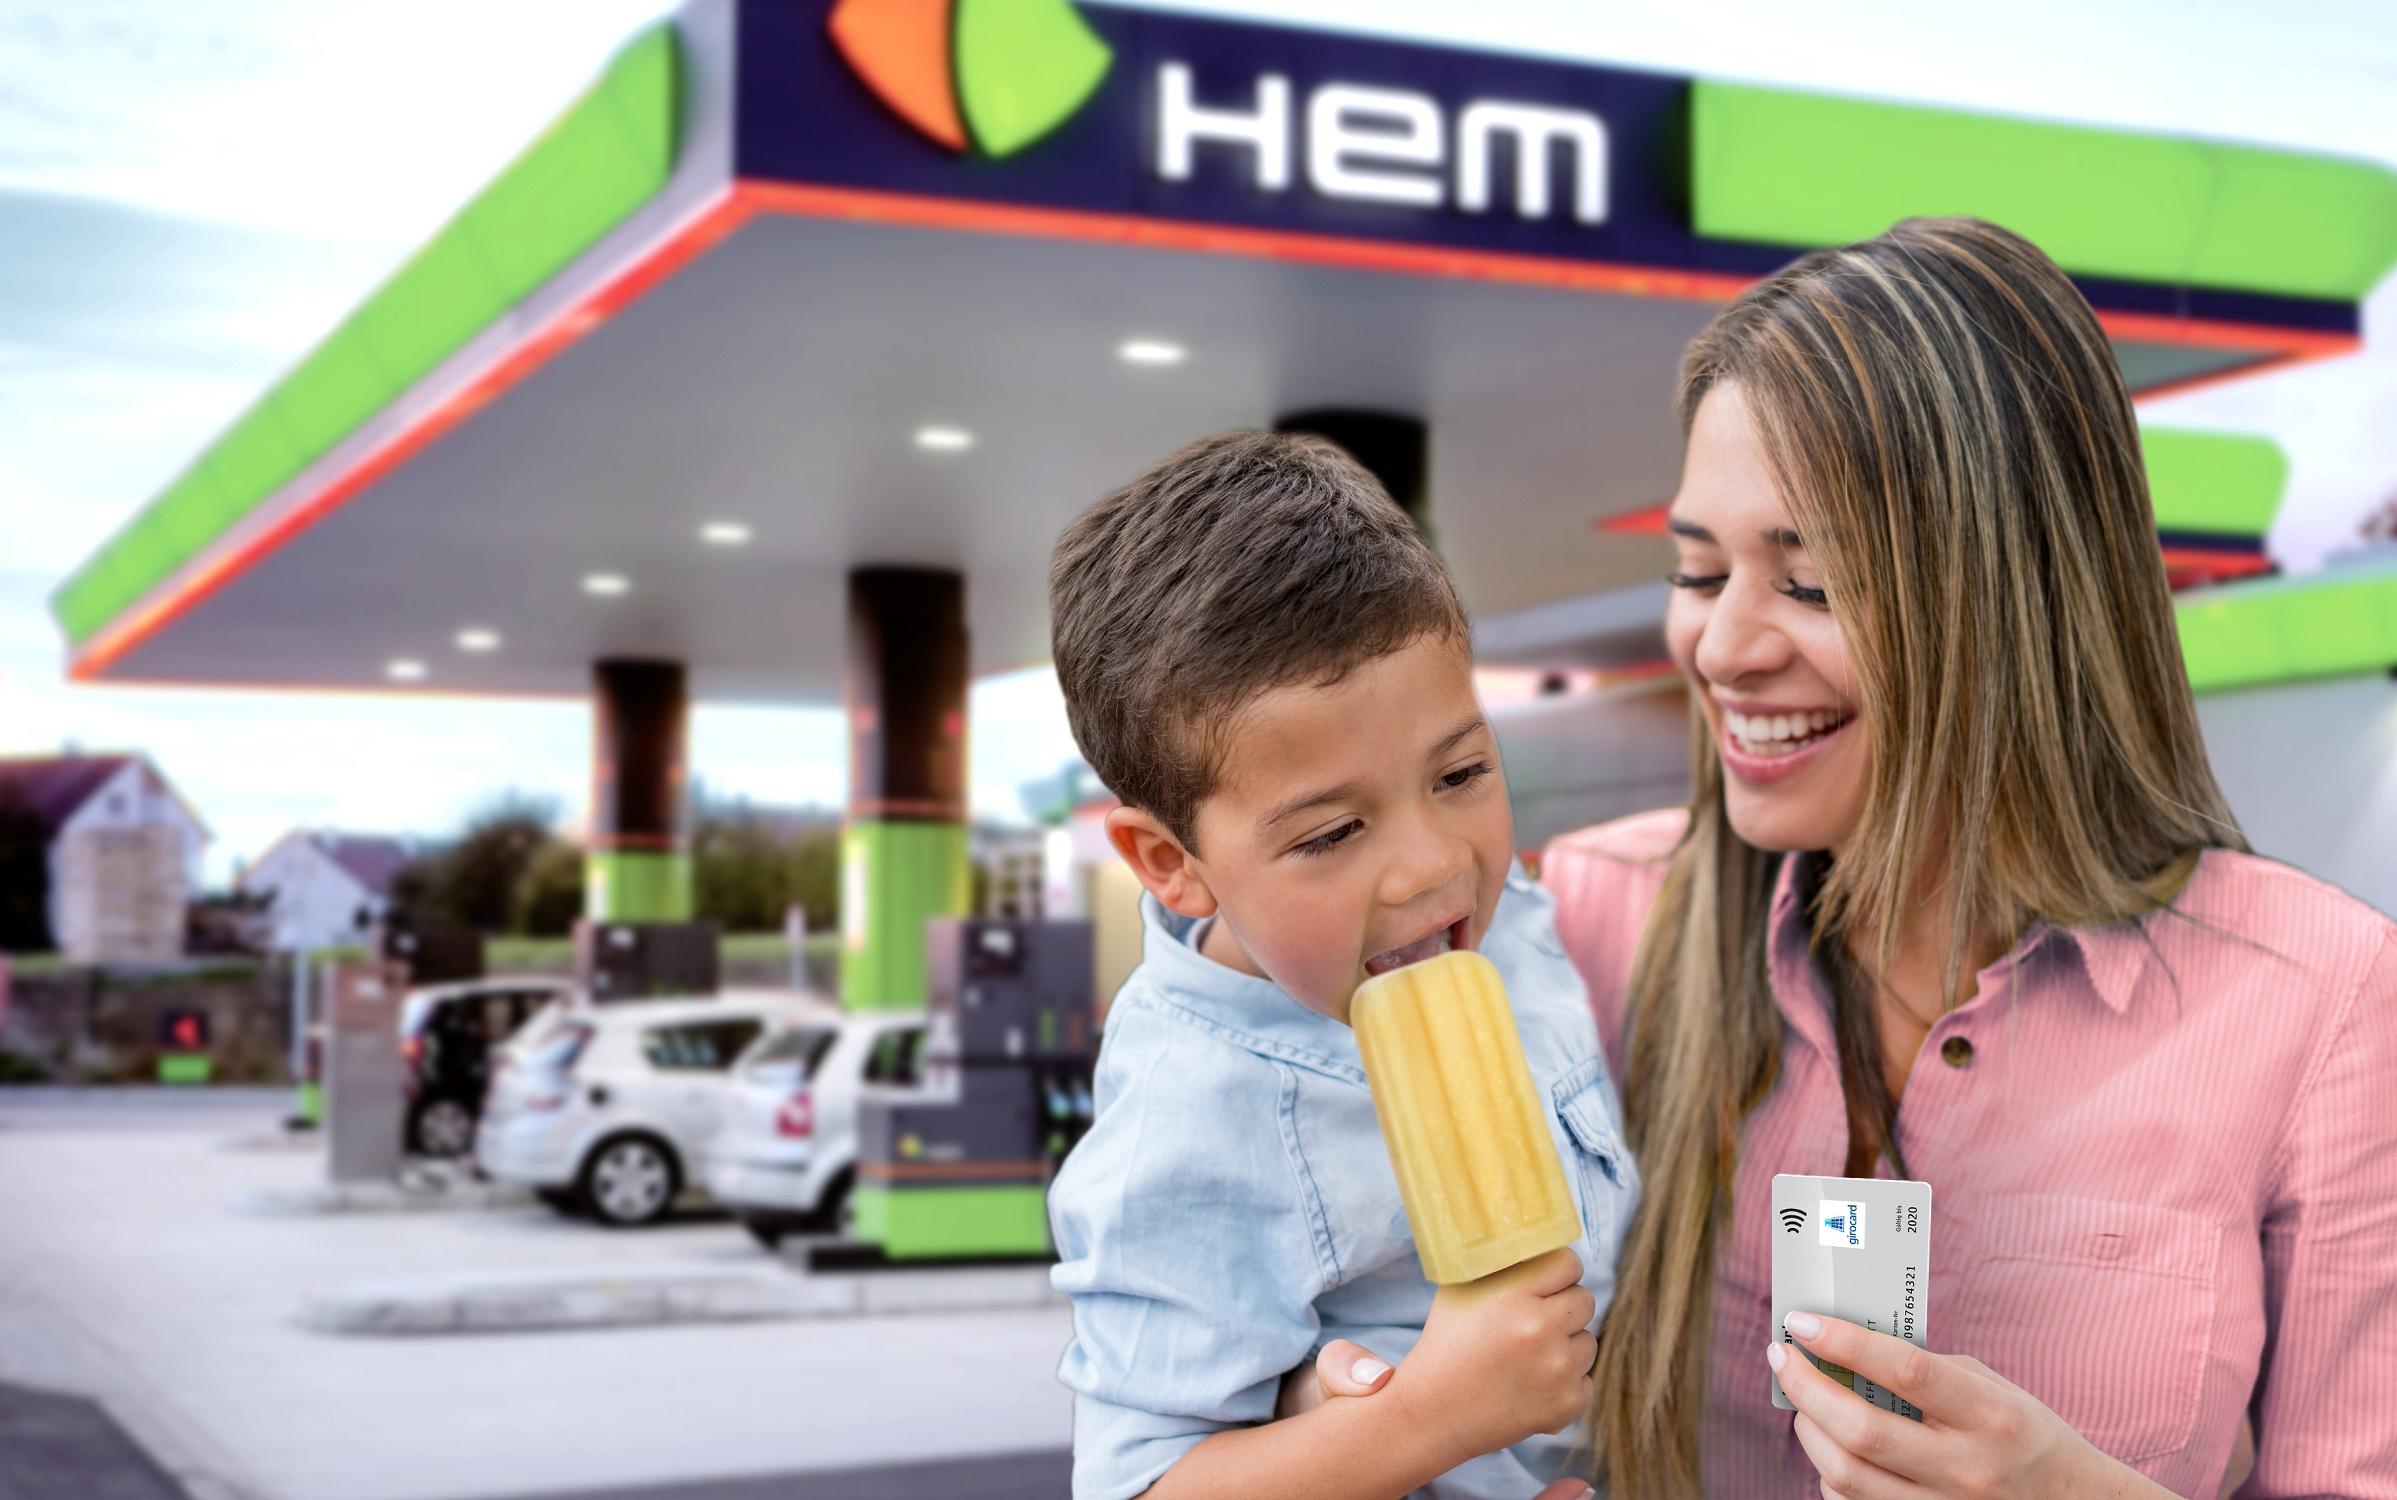 Innovativ und bequem - kontaktloses Bezahlen an HEM Tankstellen